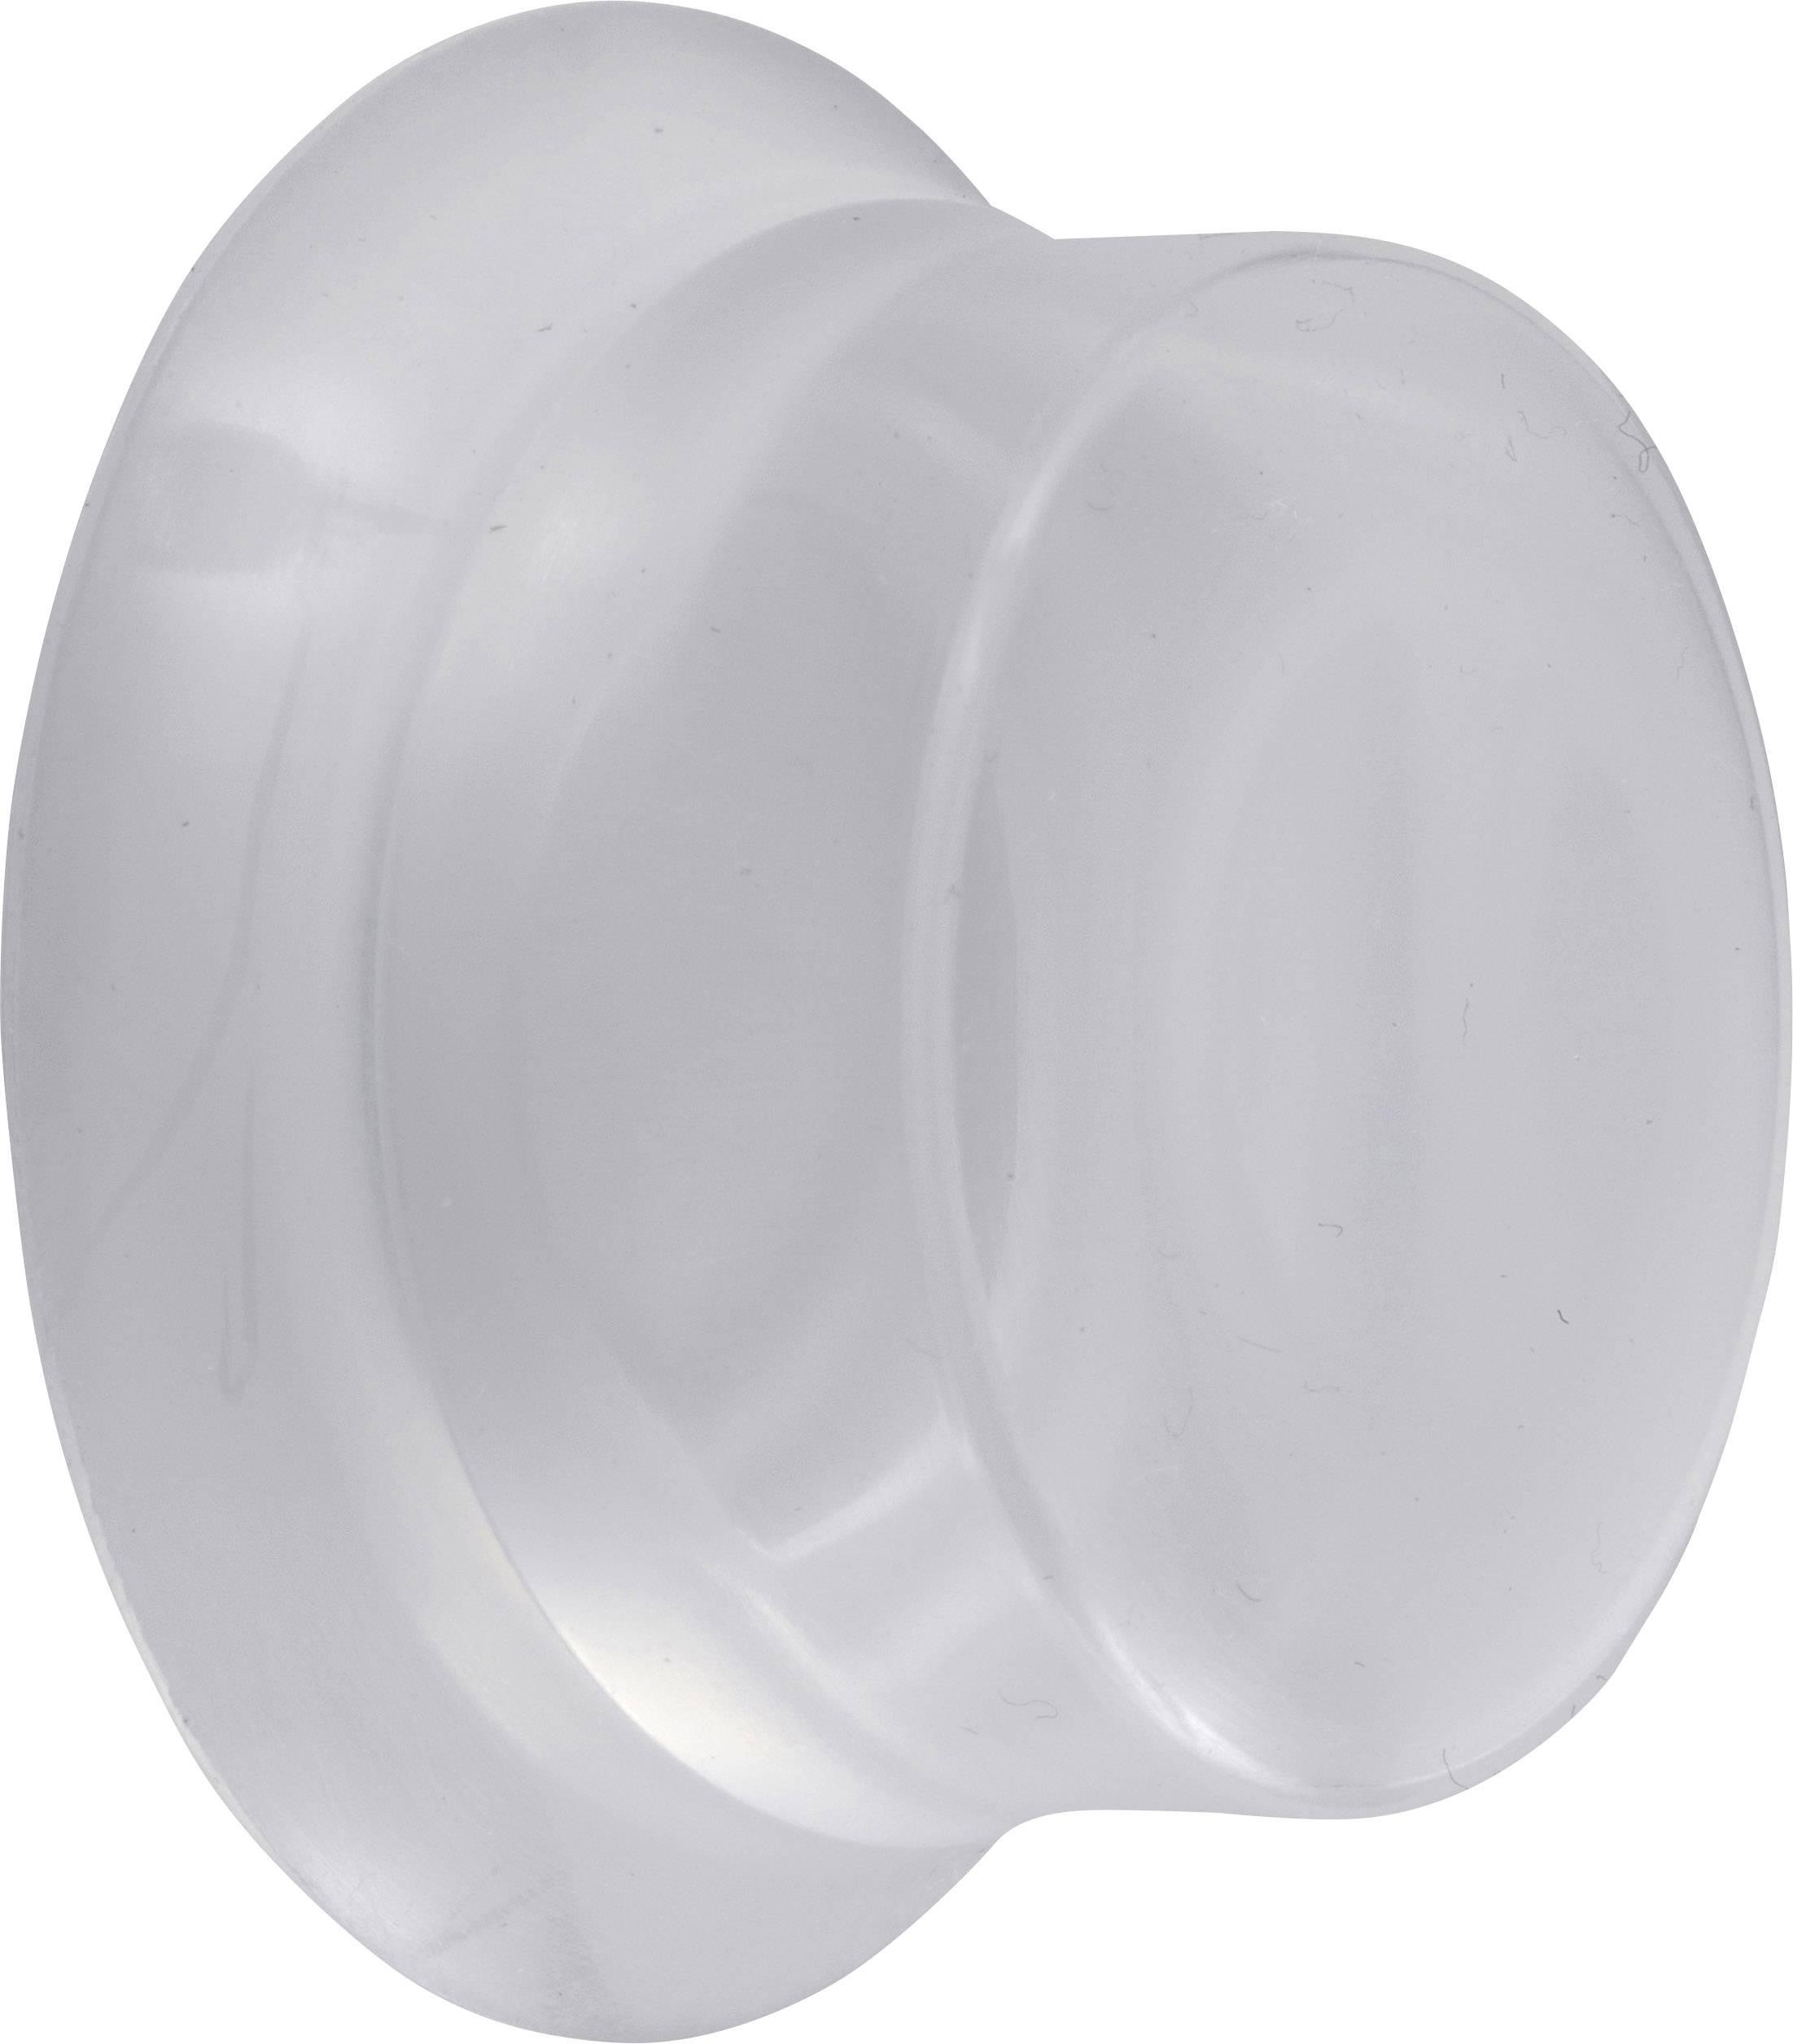 Ochranná krytka Schneider Electric ZBP0A ZBP0A, transparentní, 1 ks